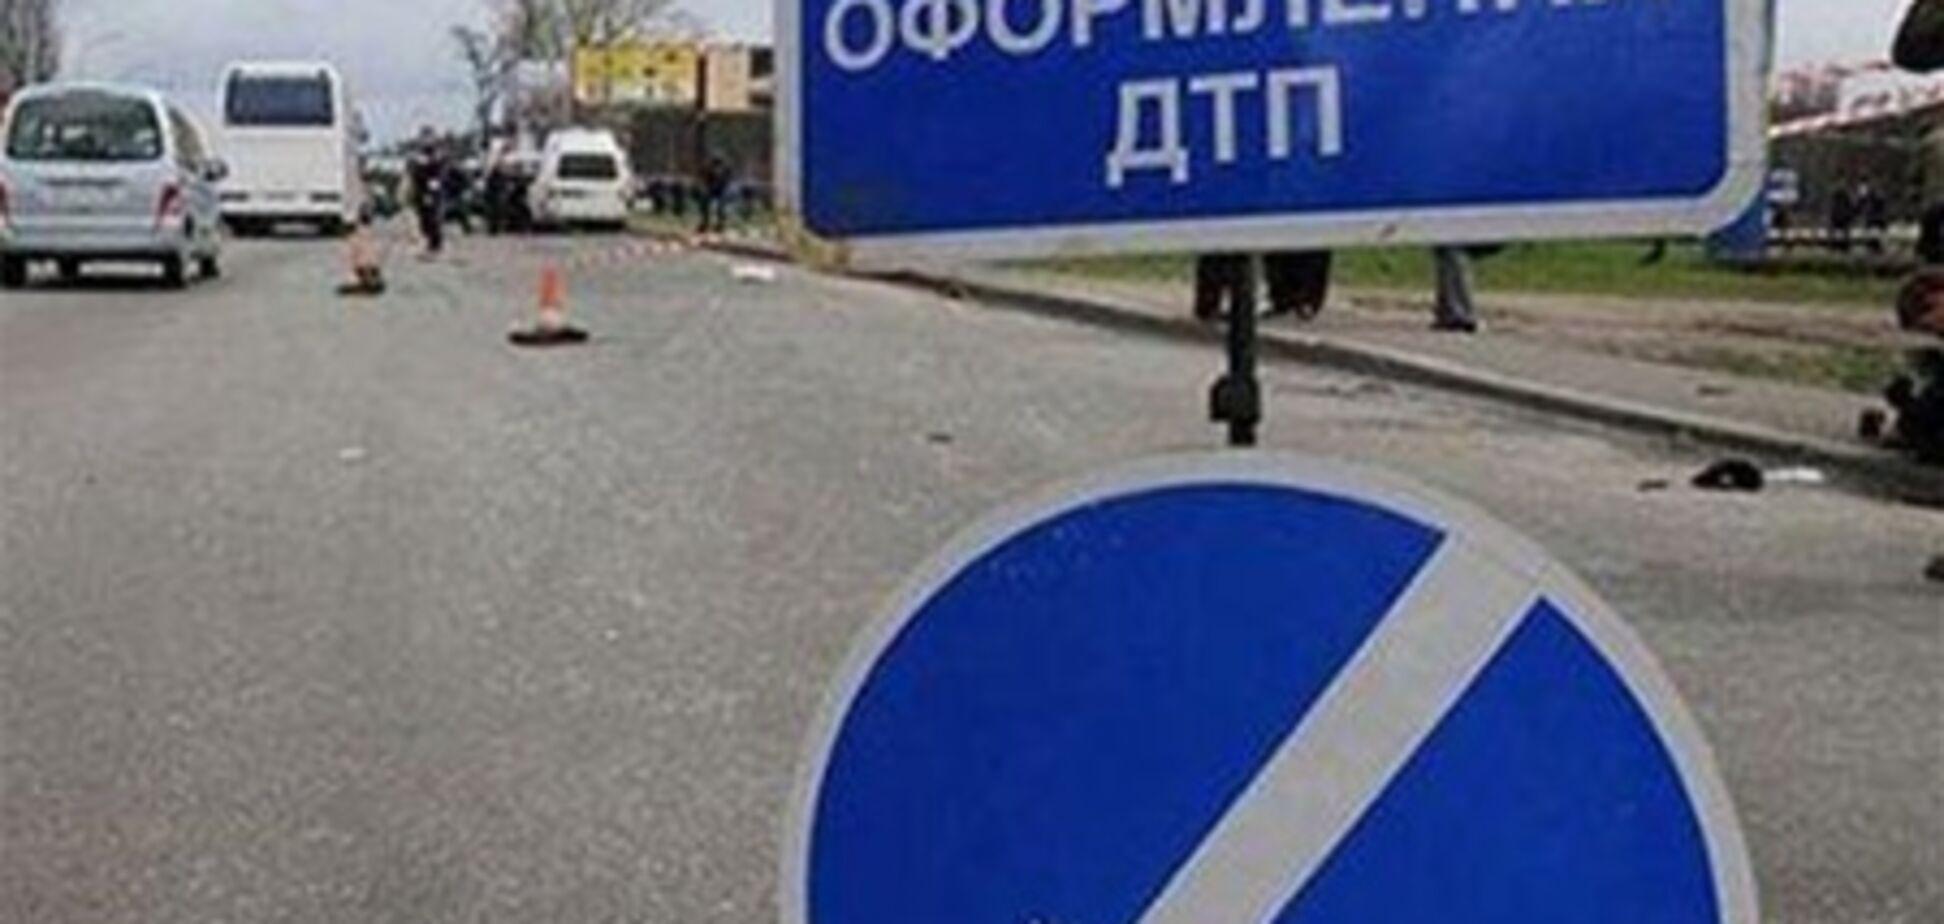 Ситуация на дорогах за 7 сентября: 95 ДТП, 13 погибших